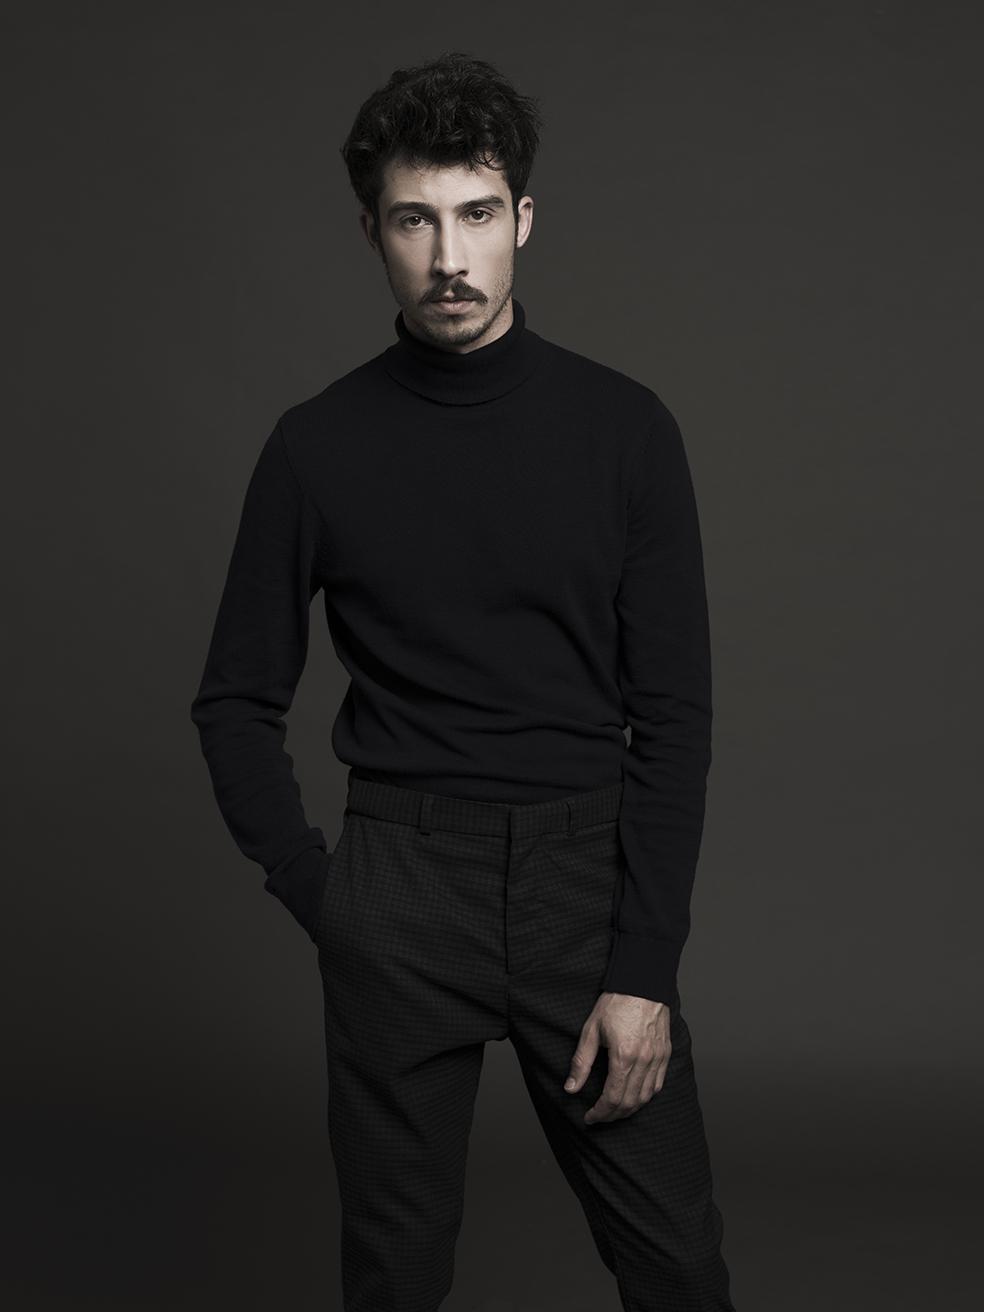 Miguel Cunha